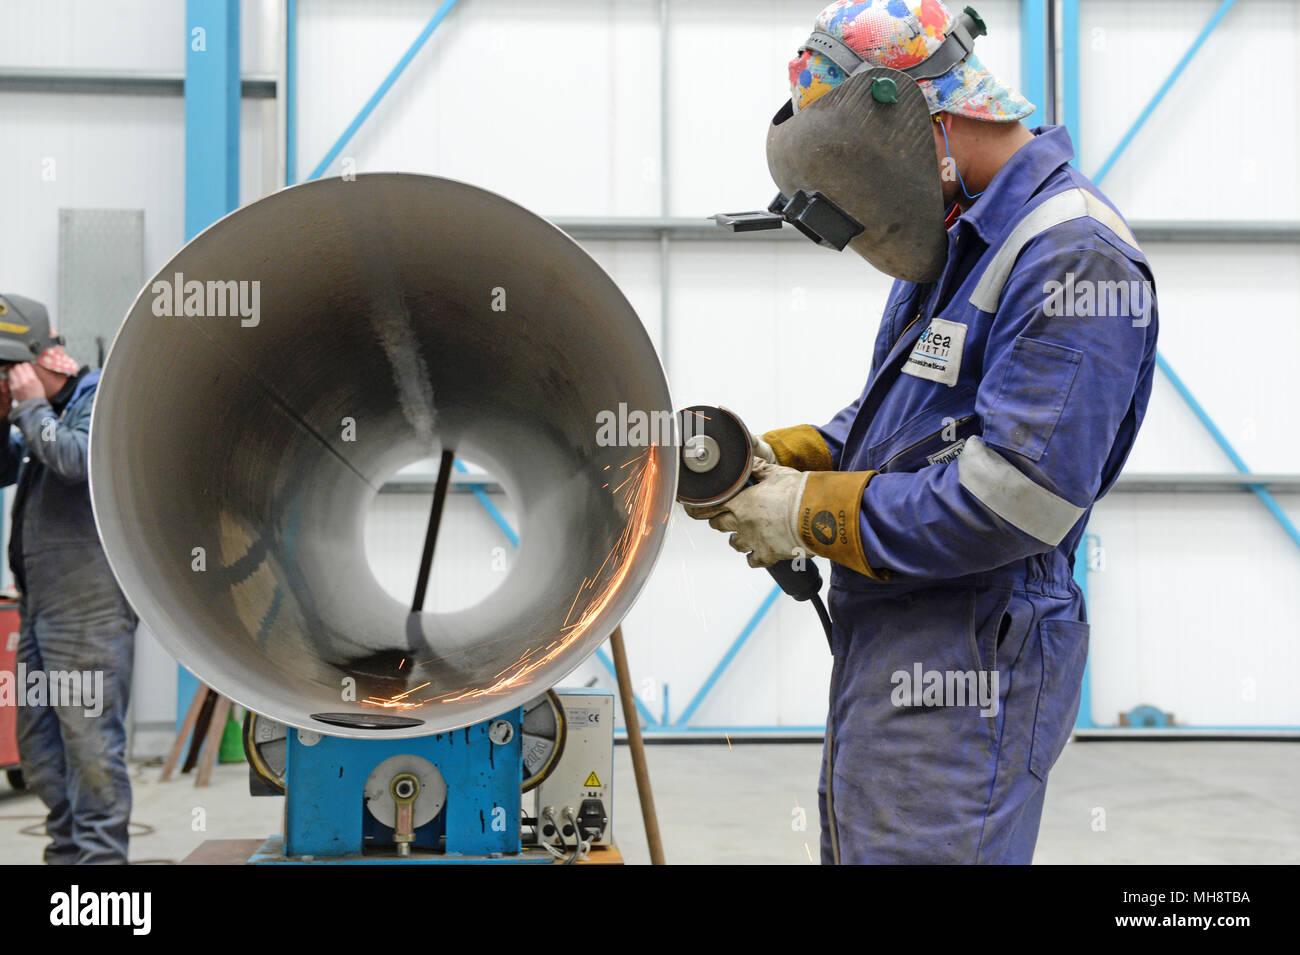 O homem corte de grandes tubo com esmeril no workshop de engenharia Imagens de Stock